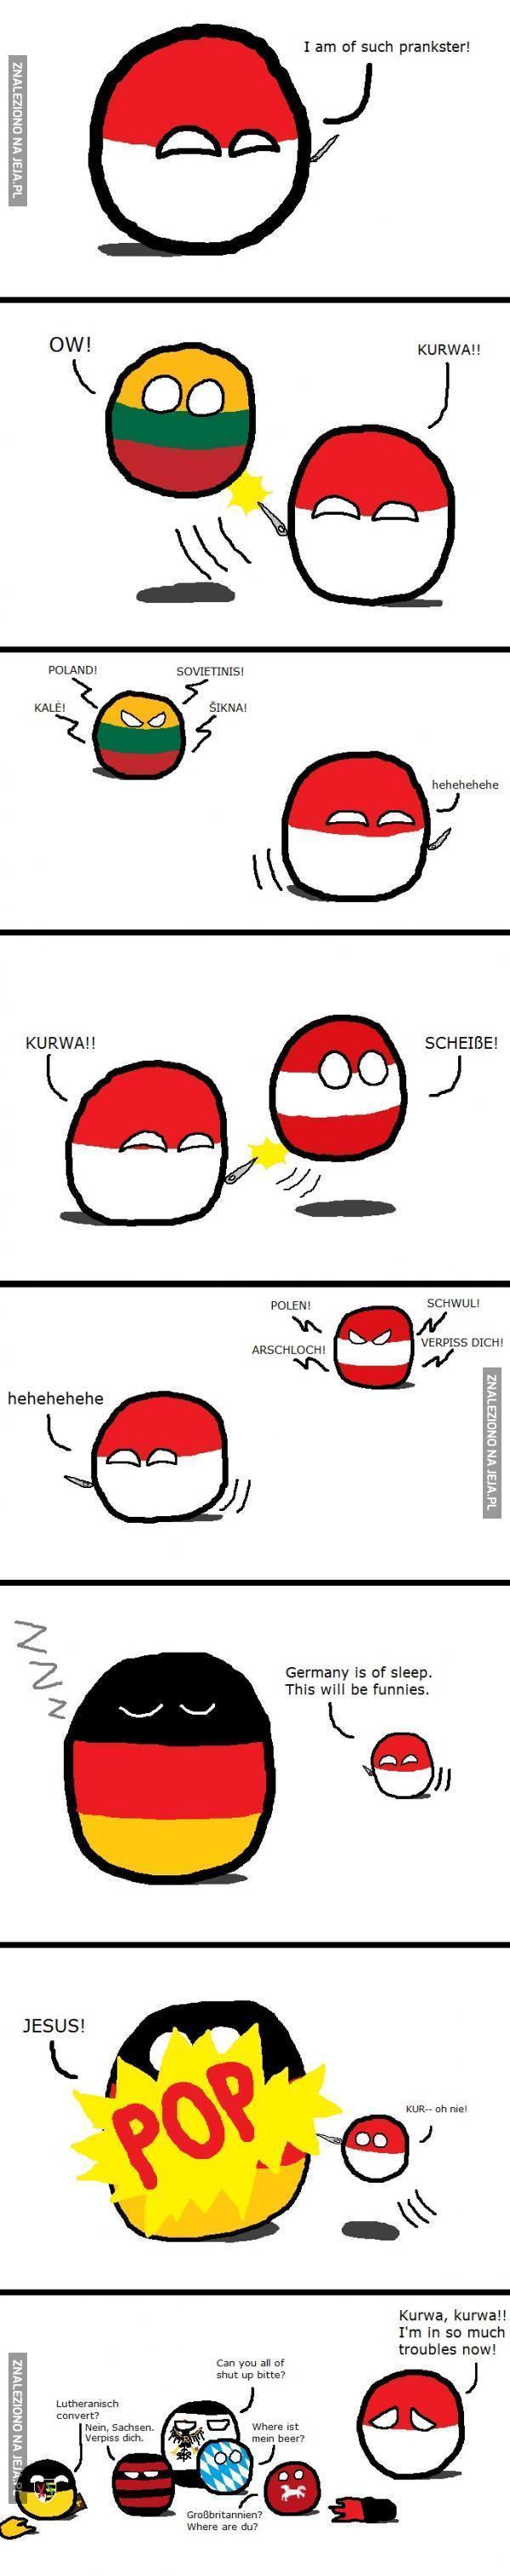 Polandball jest niezłym kawalarzem